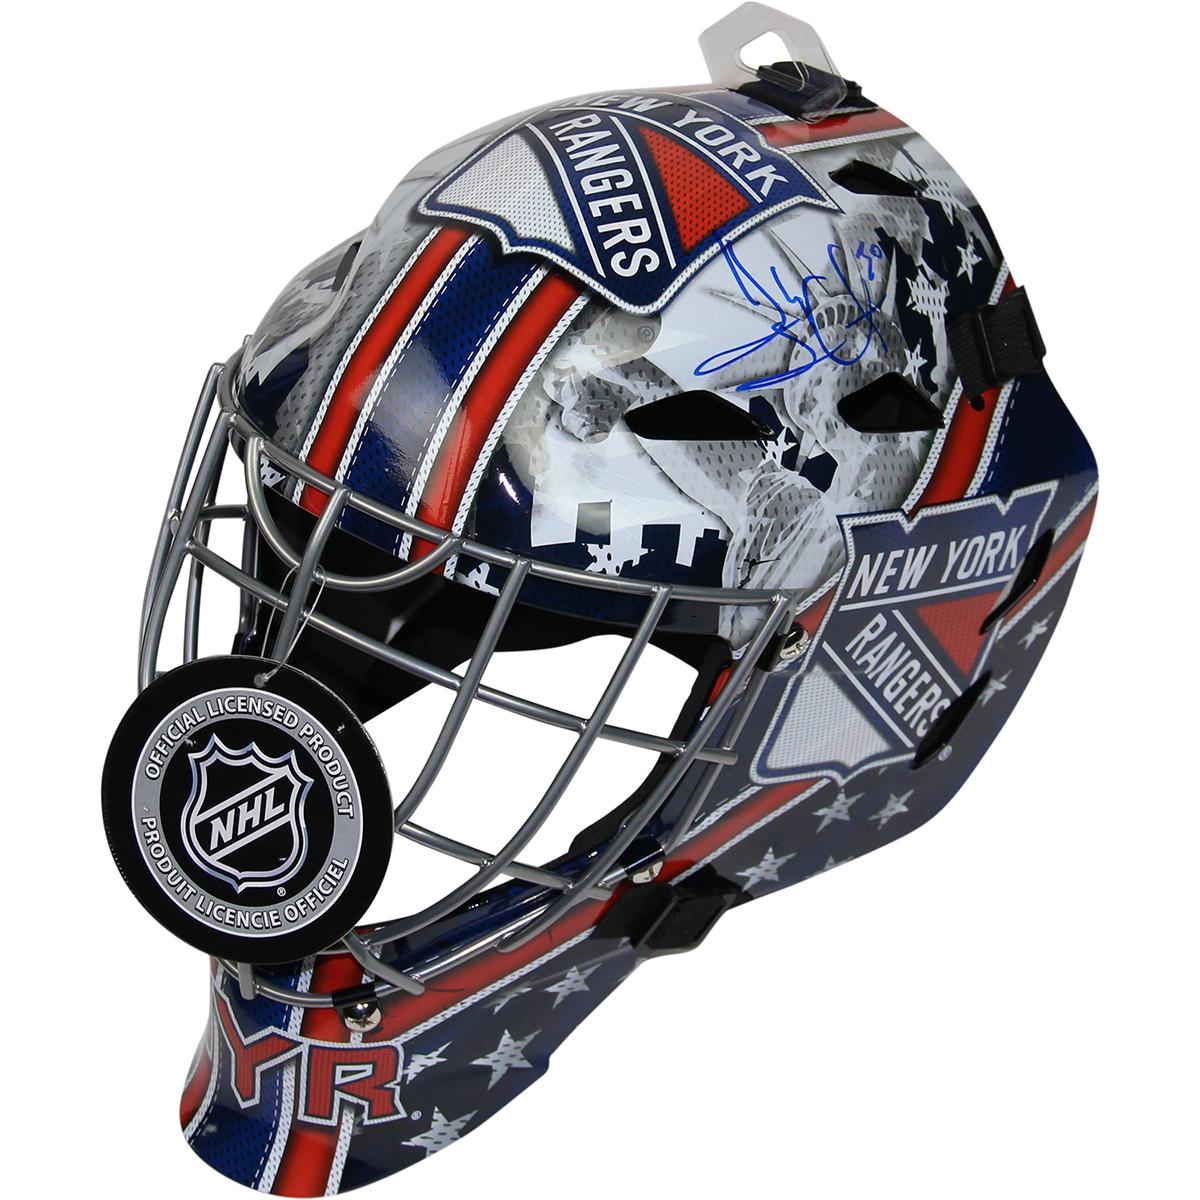 Henrik Lundqvist Signed New York Rangers Full Size Replica Shield Logo Goalie Mask